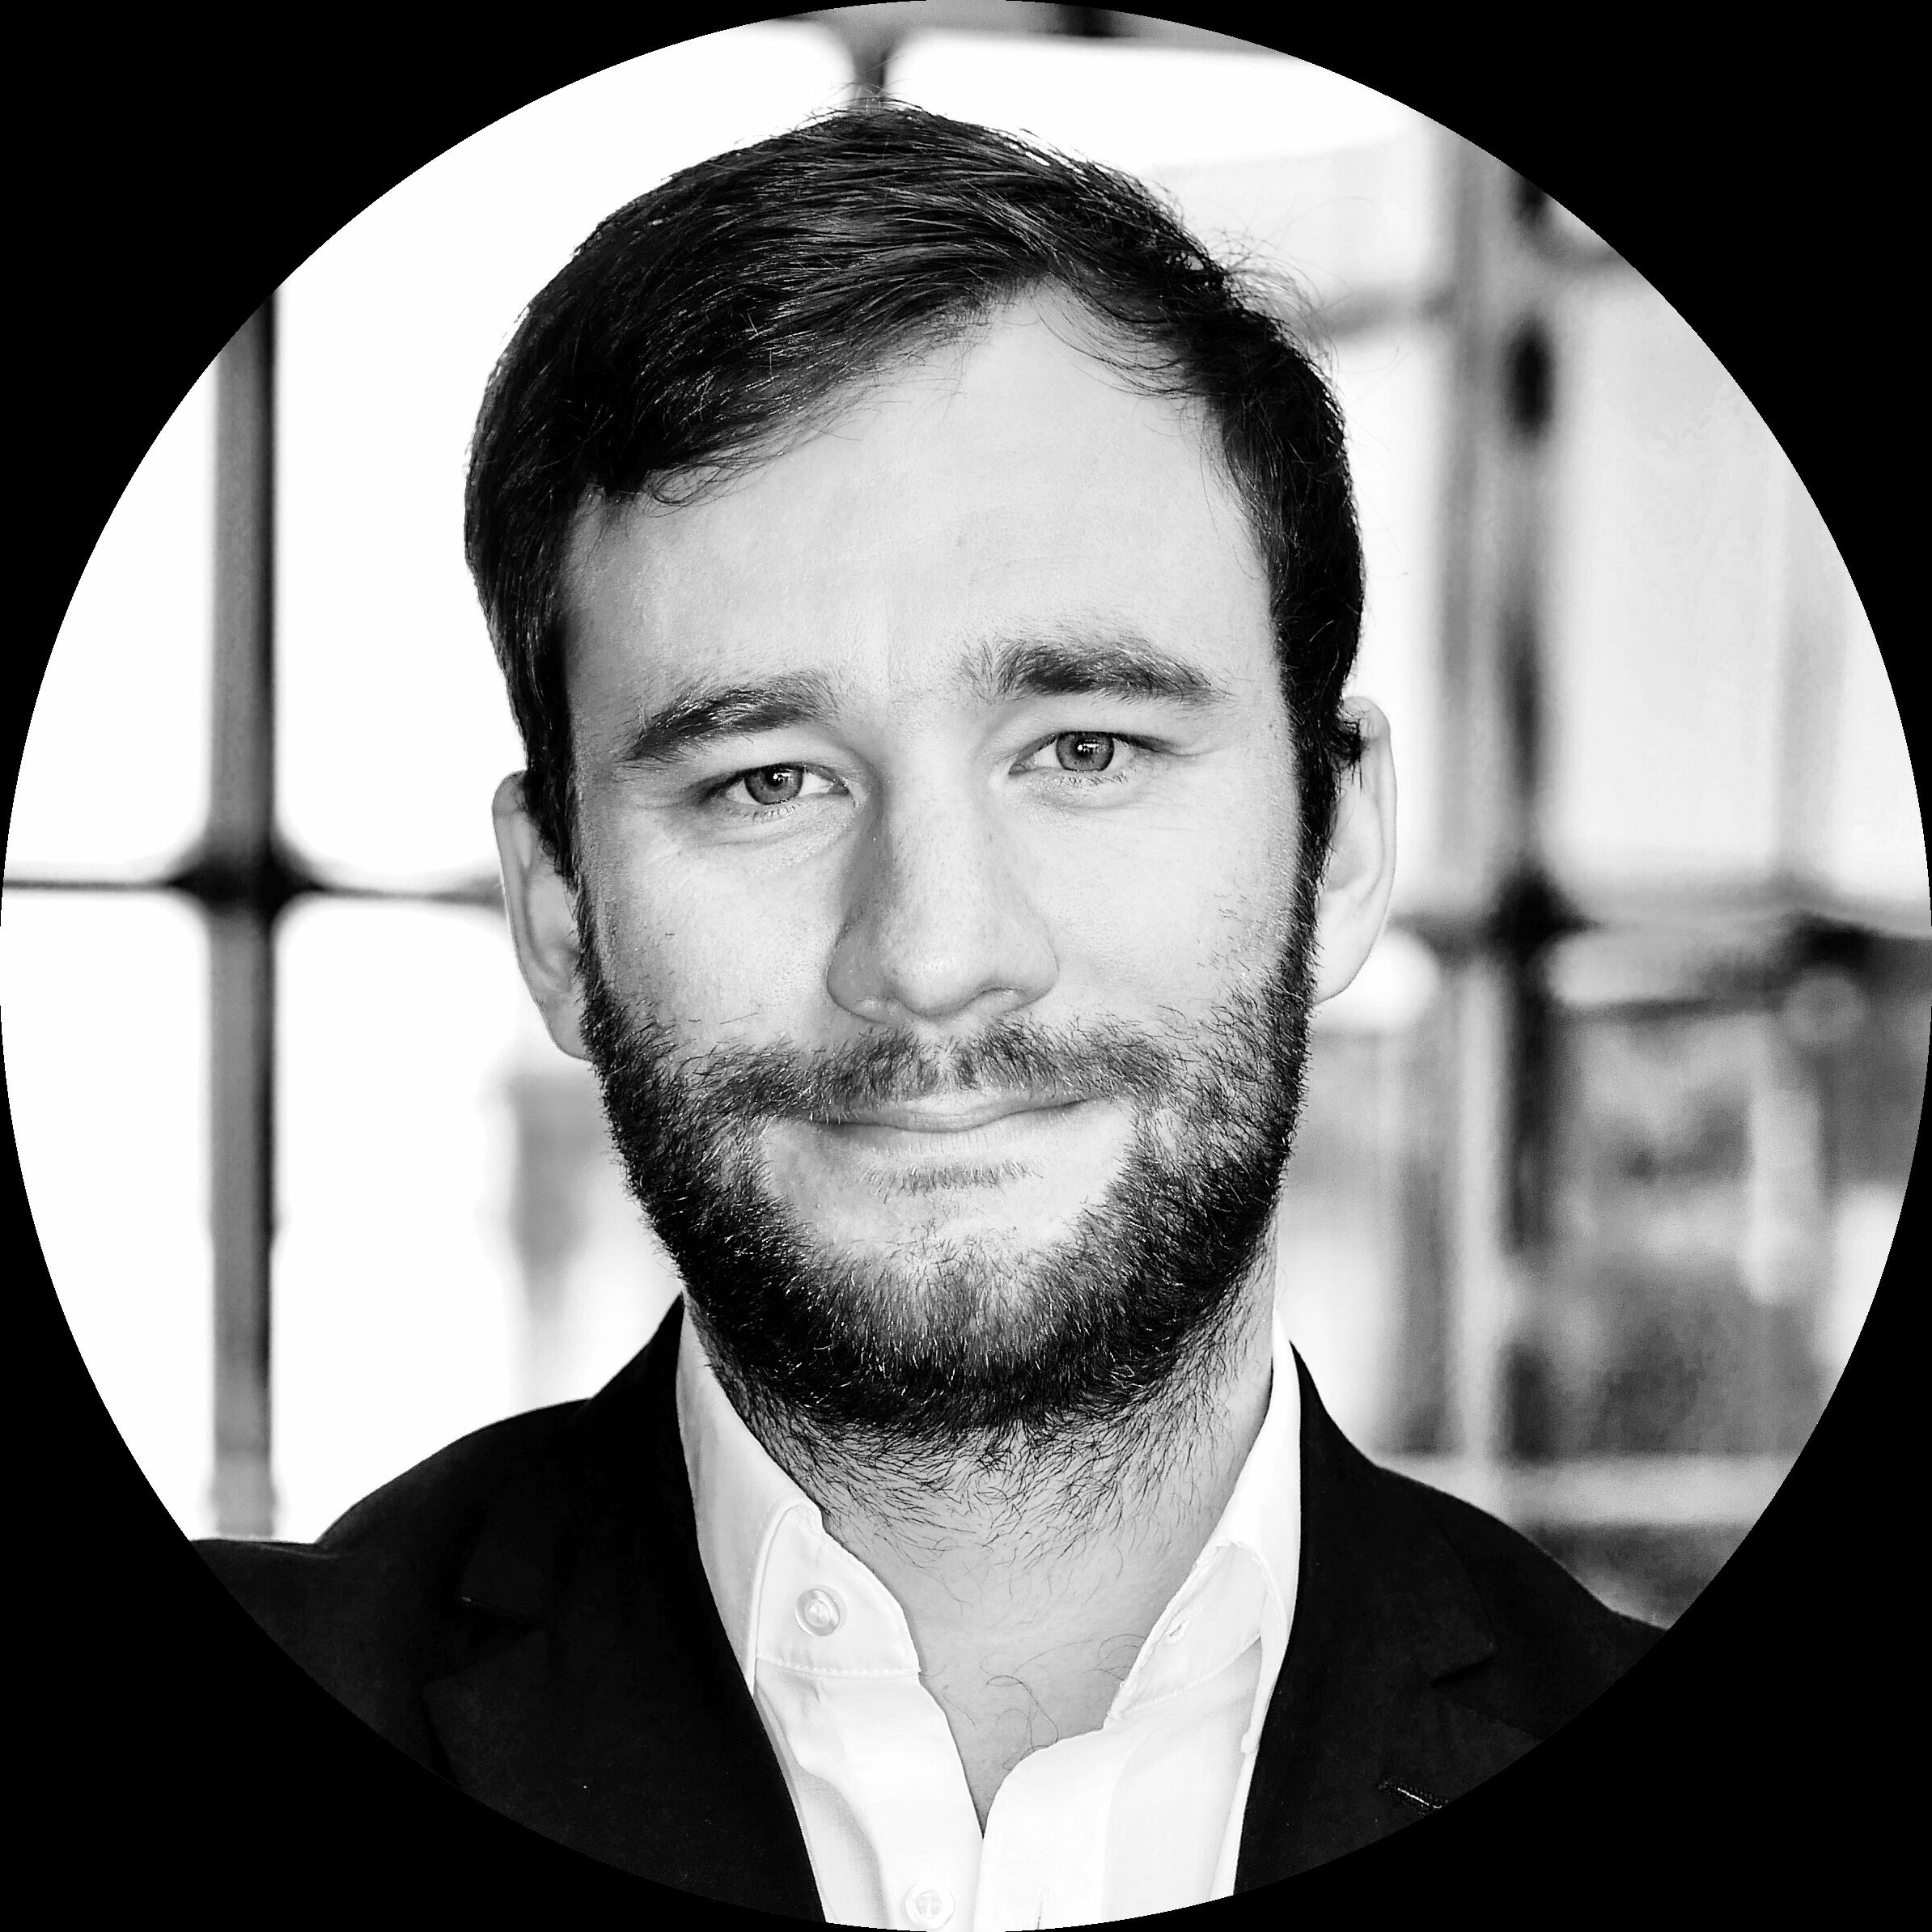 Portraitfoto von Johannes Hauner, Speaker bei der hallo.digital 2018